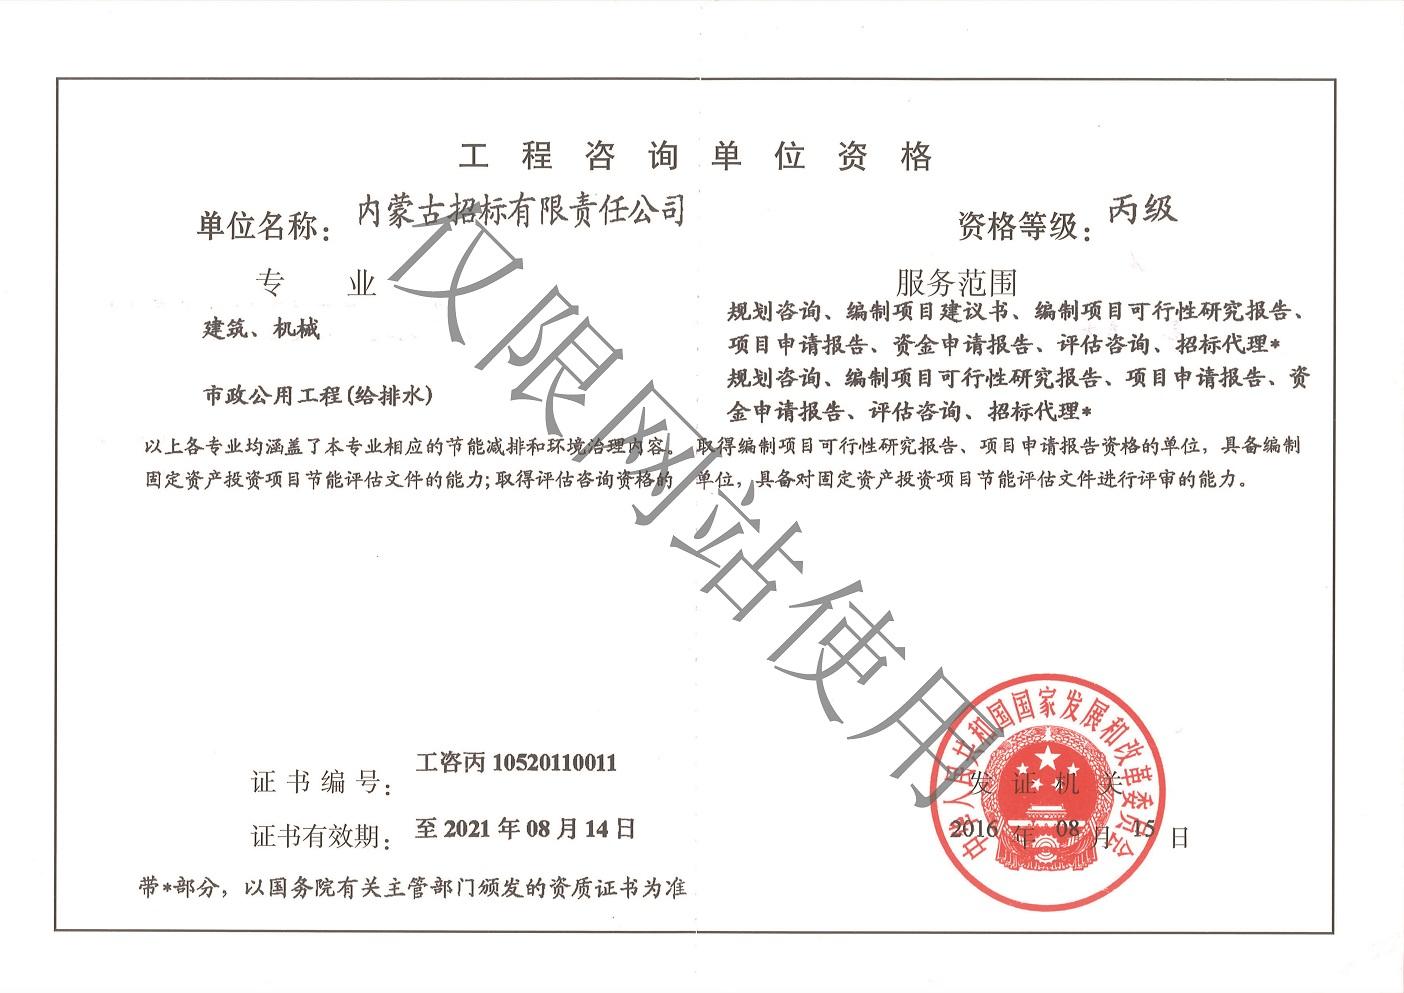 工程咨询单位丙级证书副本2